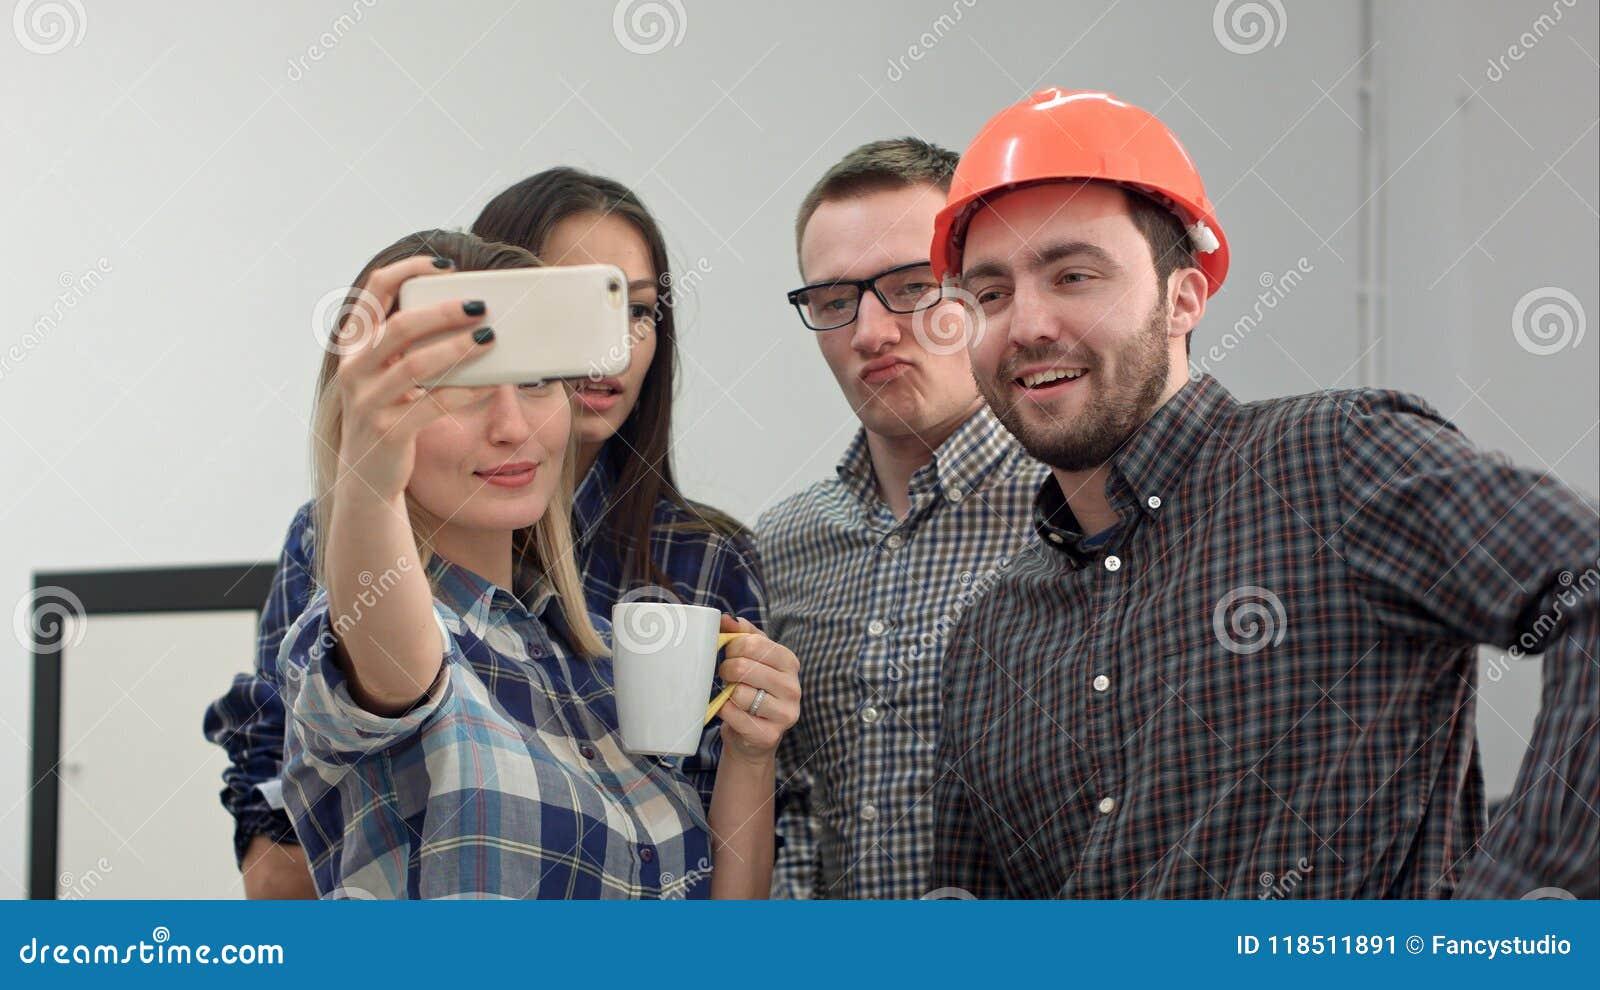 Gluckliche Junge Architekten Die Lustige Selfies Im Buro Nehmen Stockbild Bild Von Architekten Gluckliche 118511891